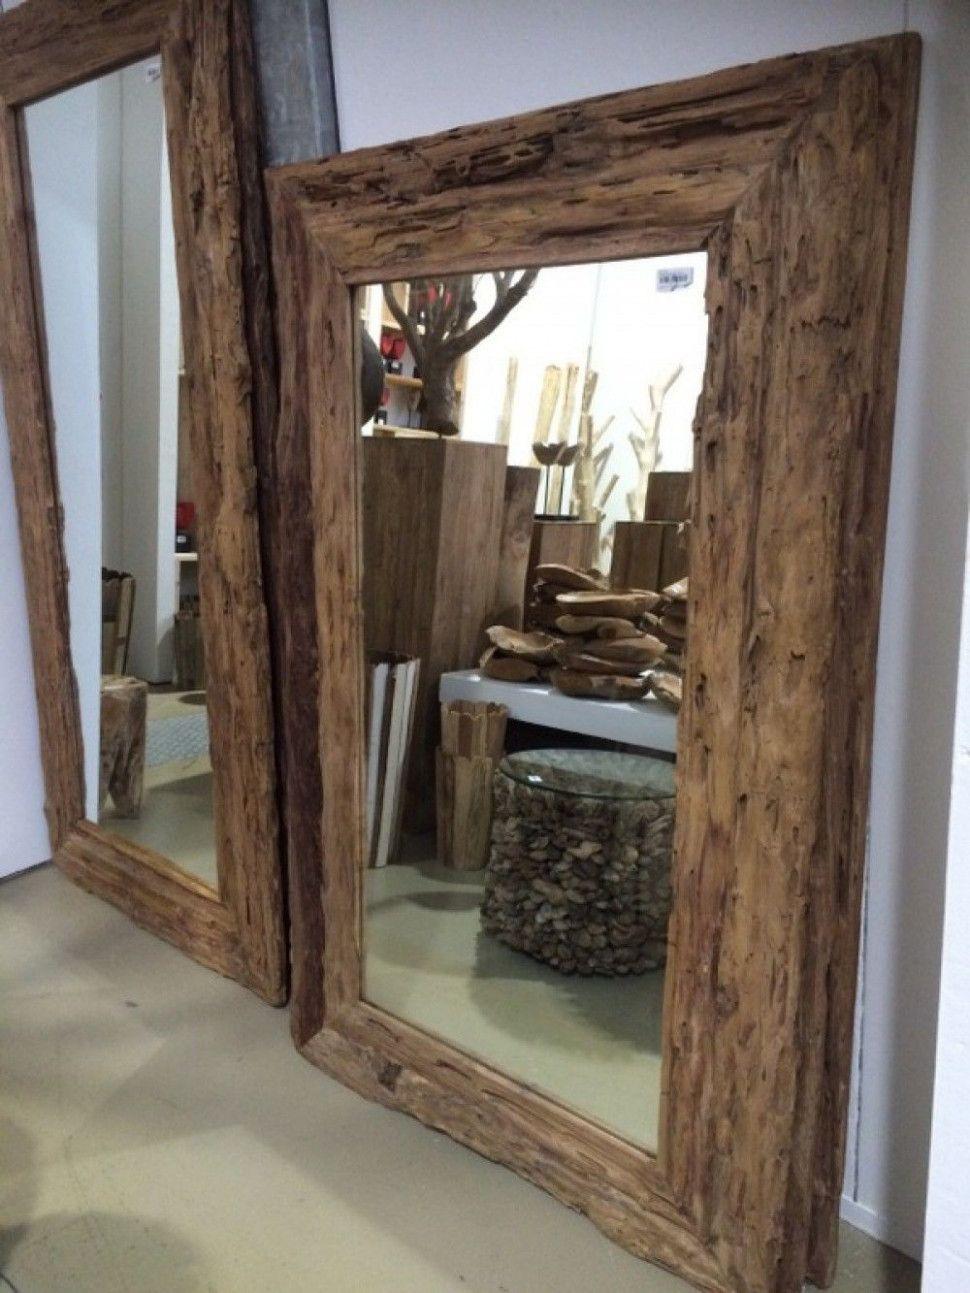 8 Wohnzimmer Spiegel Mit Holzrahmen  Spiegel holz, Dekor